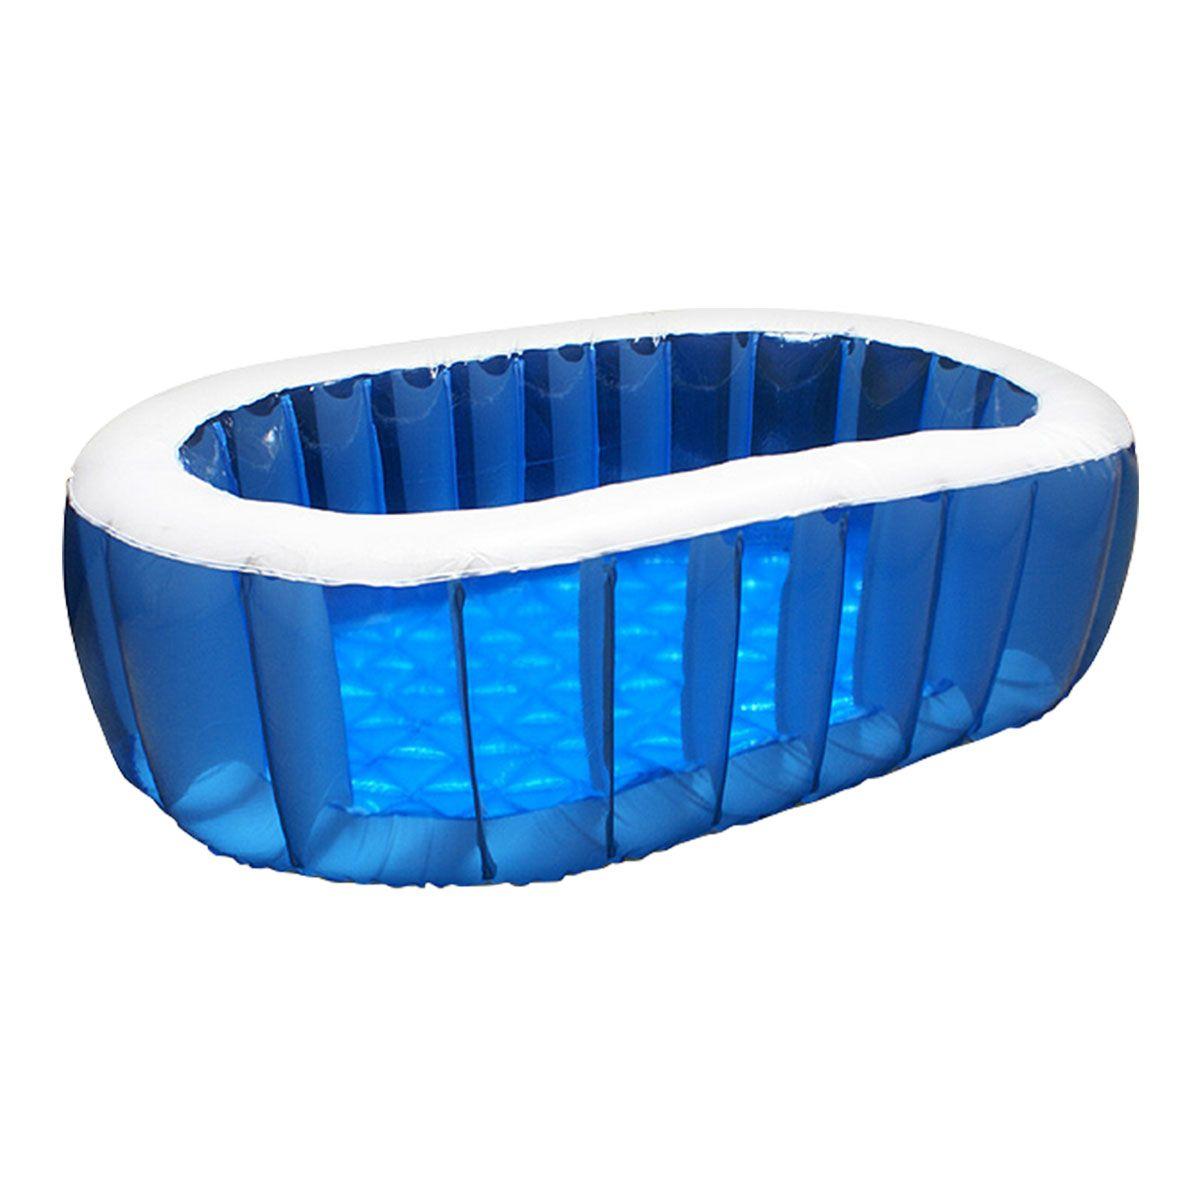 楽天市場 1年保証 プール ビニールプール オーバルプール 中型 幅